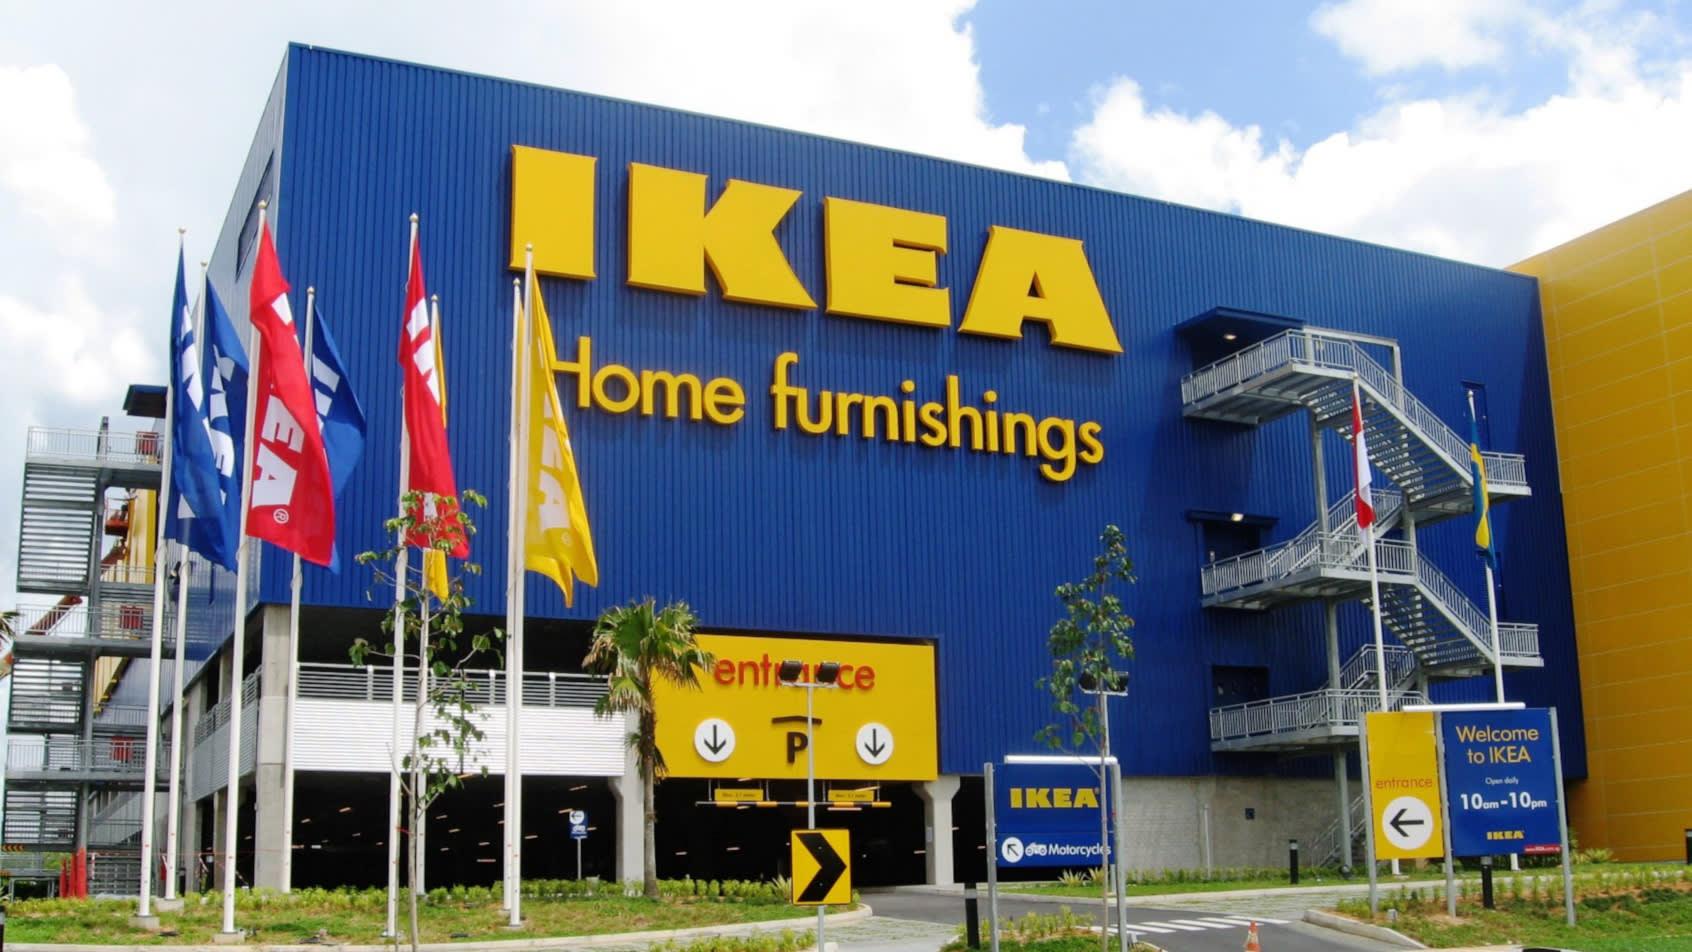 [Lokal] Ikea Nürnberg/Fürth - 20€ Coupon ab 150€ Einkaufswert für den nächsten Einkauf